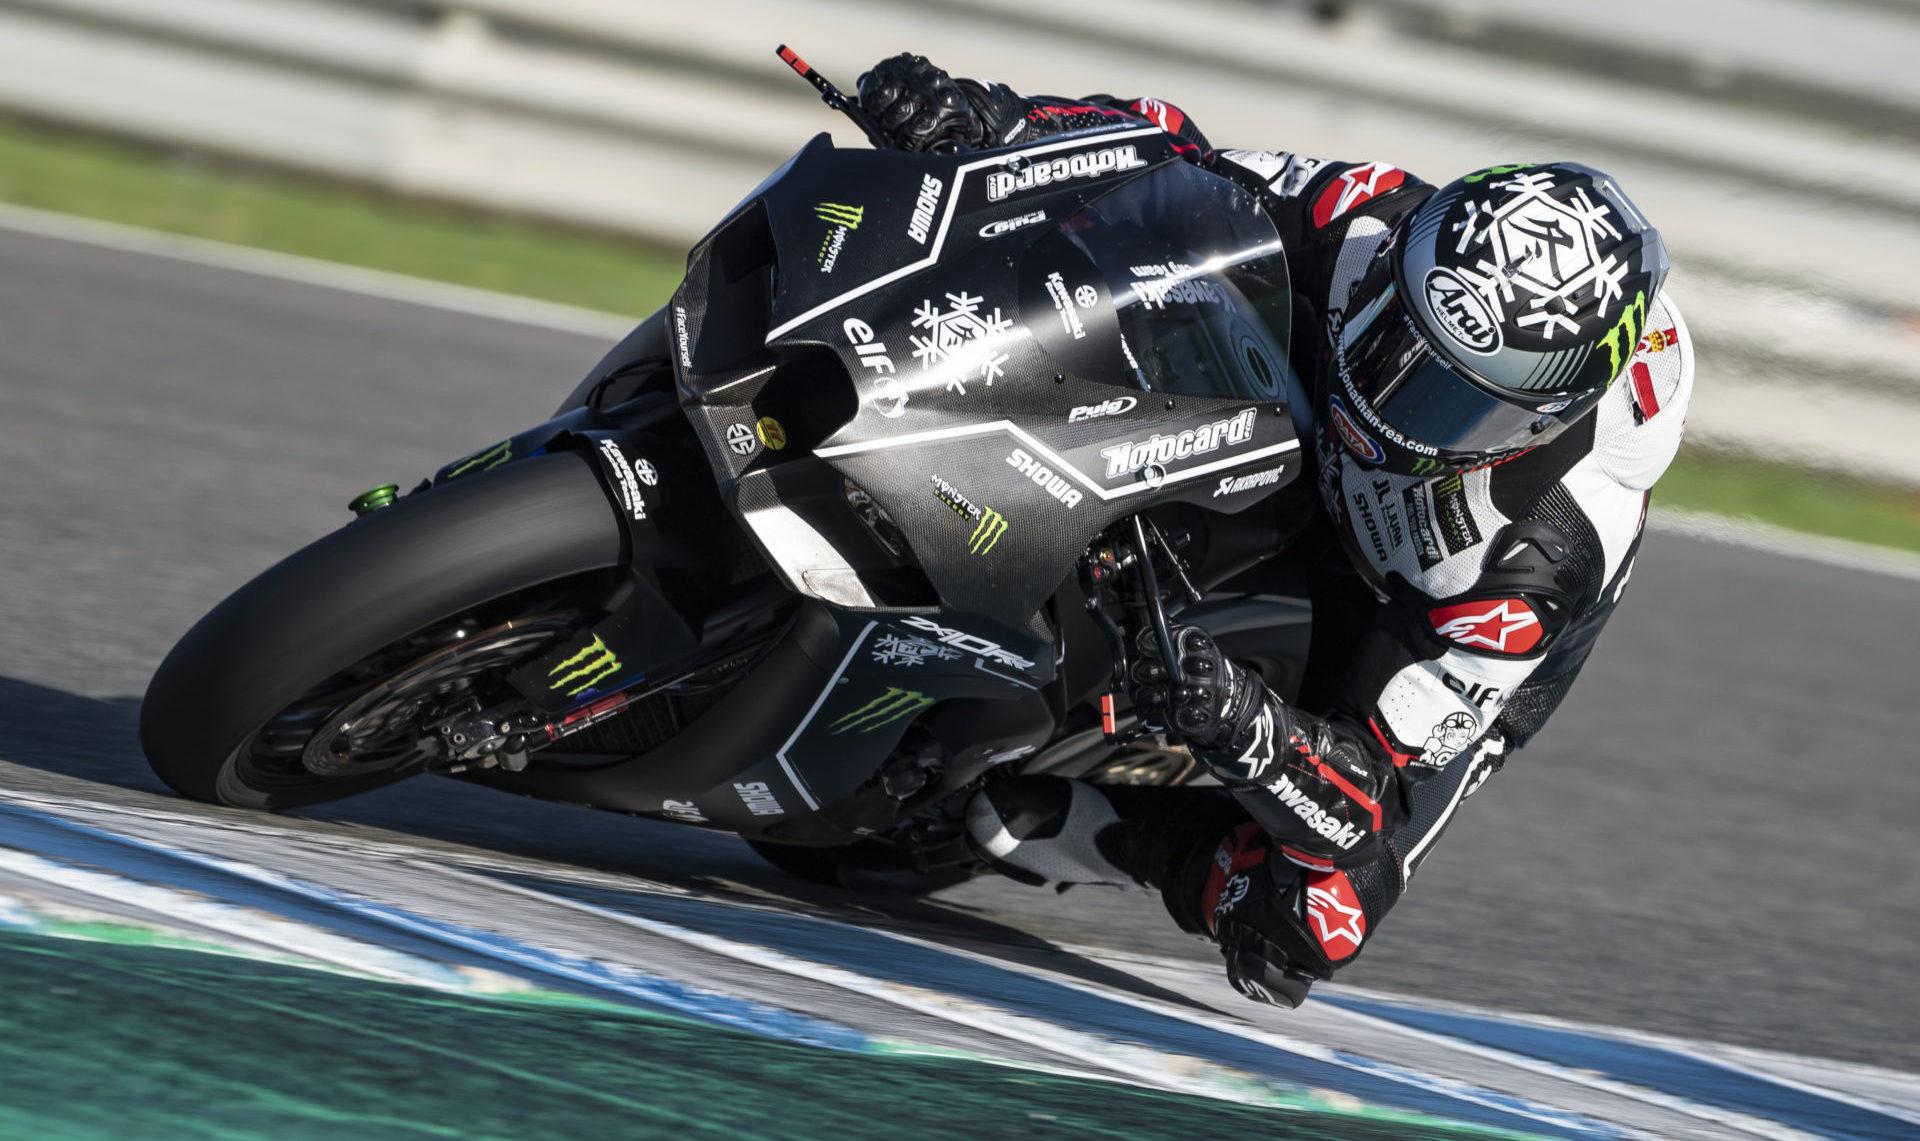 Jonathan Rea at speed on his new Kawasaki Ninja ZX-10RR Wednesday at Jerez. Photo courtesy Kawasaki.